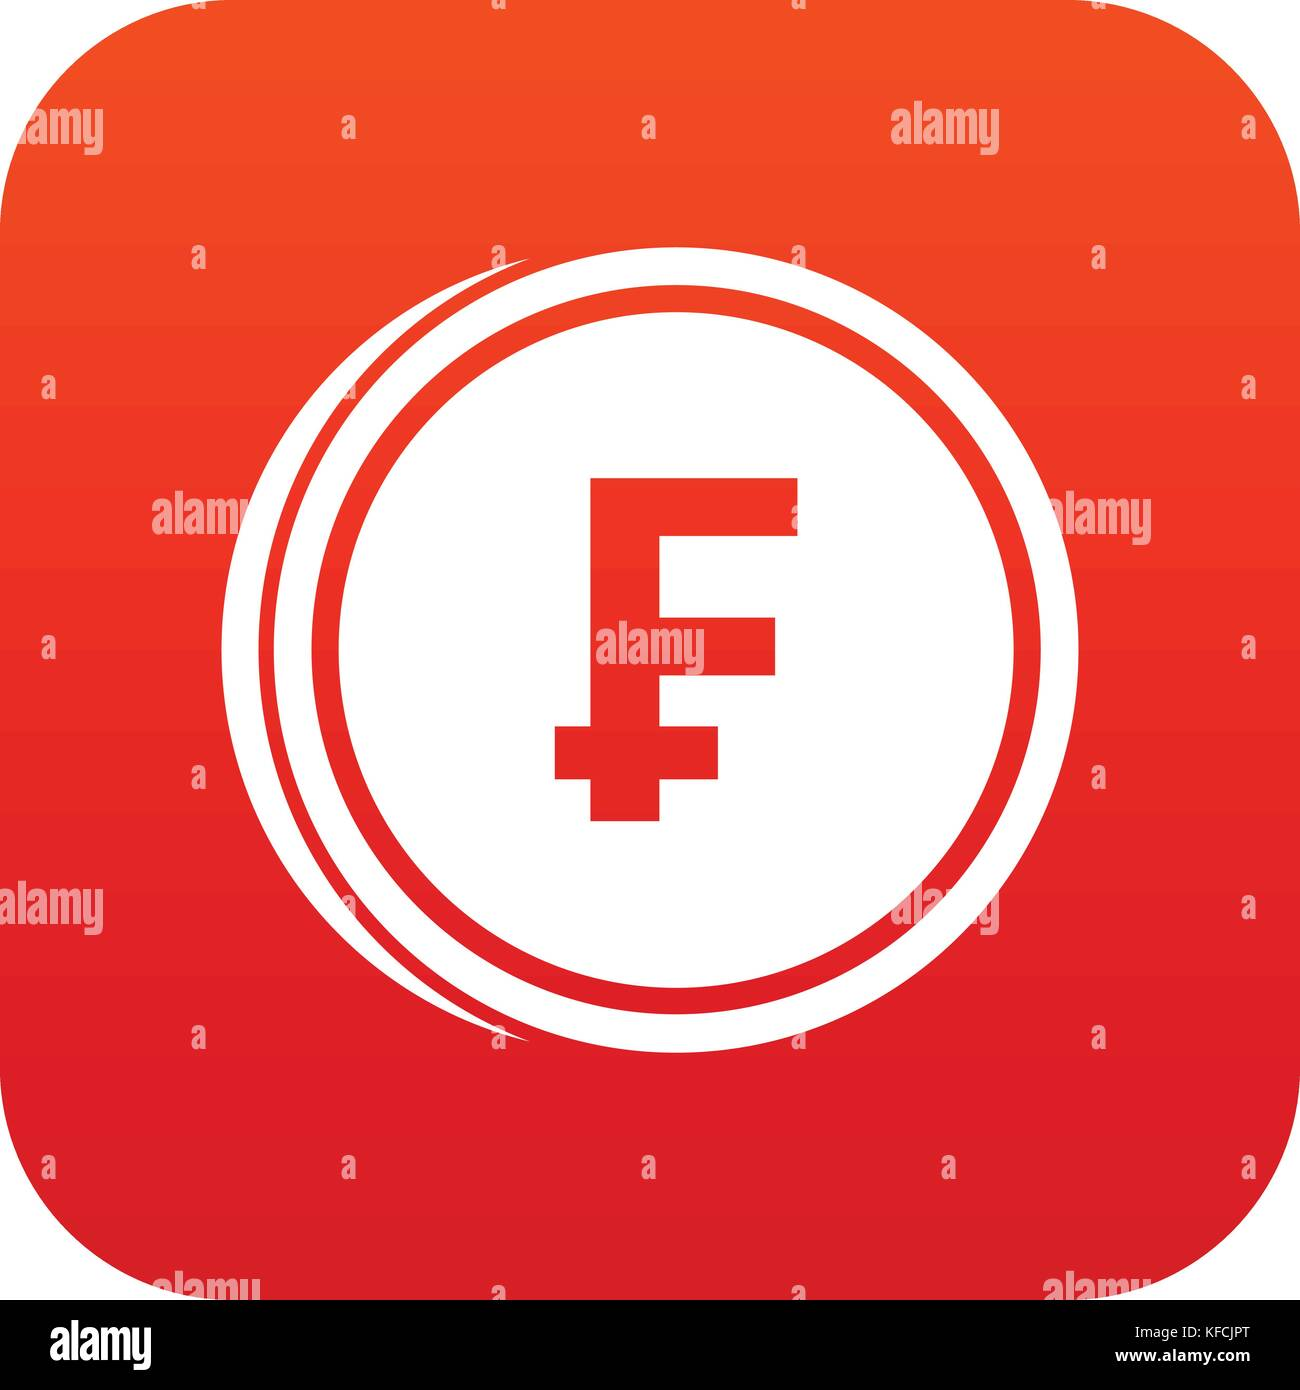 Franc currency symbol stock photos franc currency symbol stock franc coins icon digital red stock image buycottarizona Choice Image